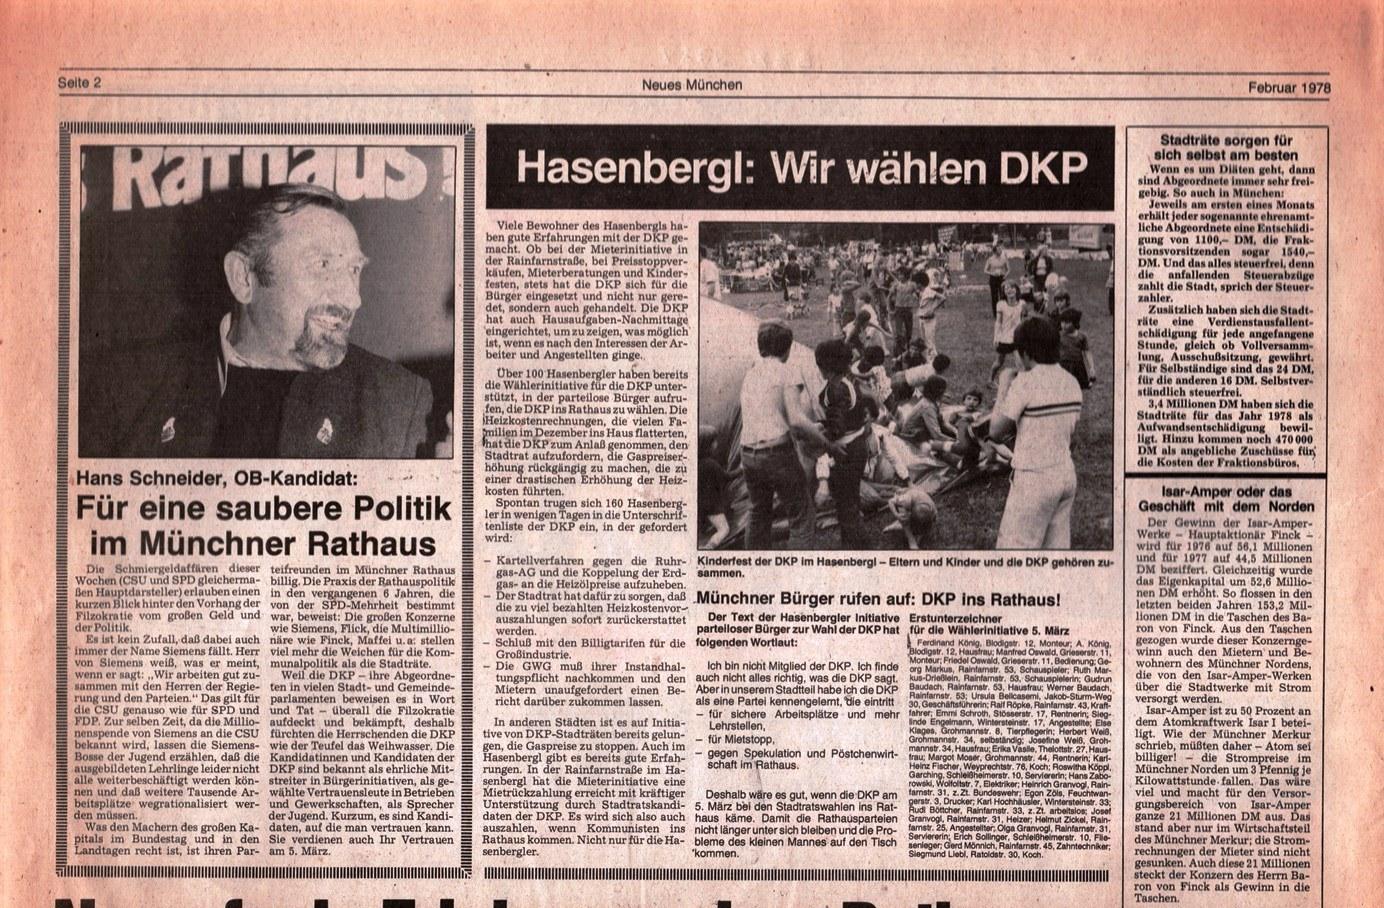 Muenchen_DKP_Neues_Muenchen_19780200_002_003